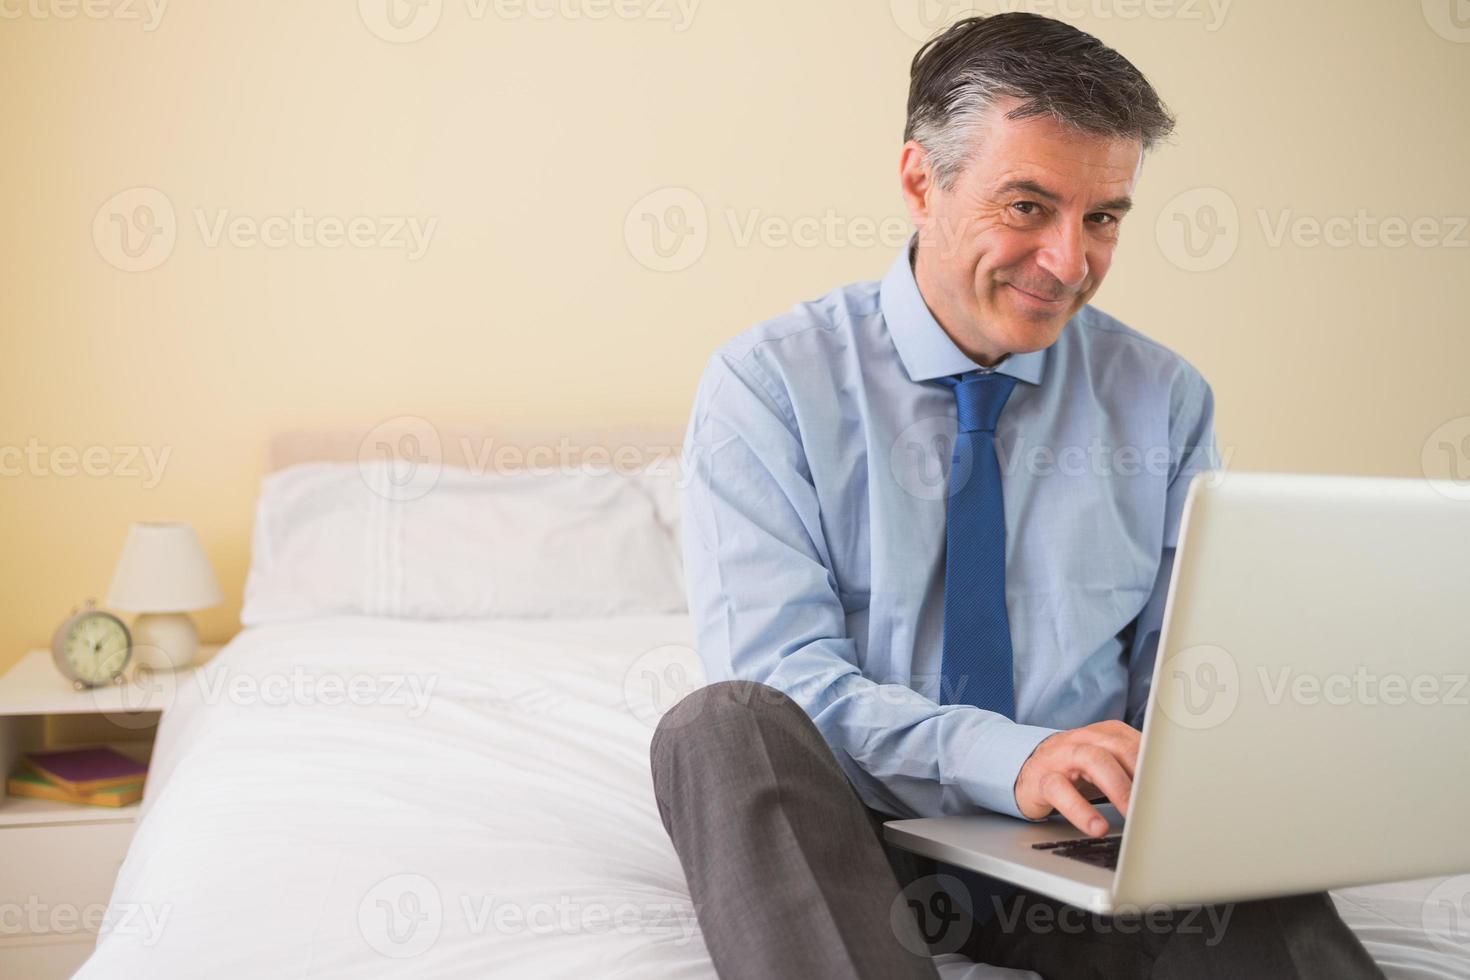 zufriedener Mann, der seinen Laptop benutzt, der auf einem Bett sitzt foto